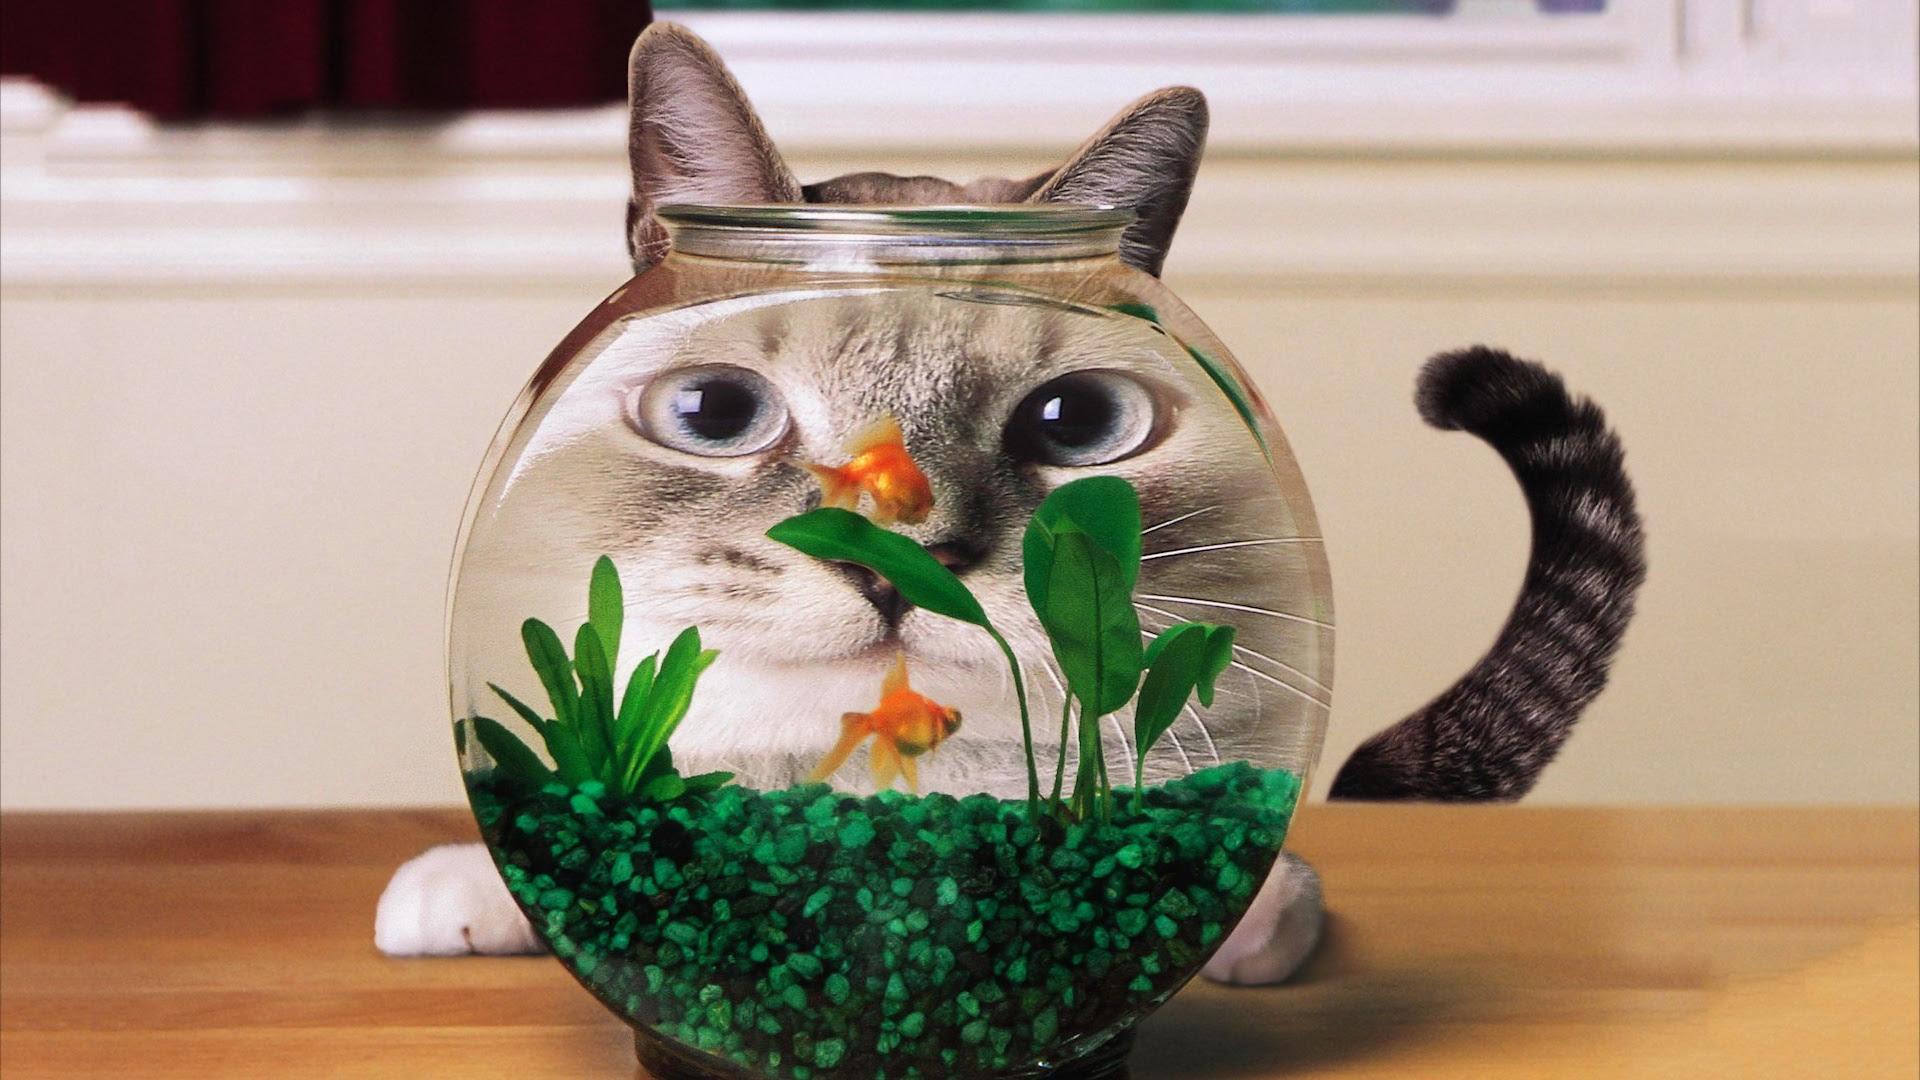 Cat face in jar [1920x1080]